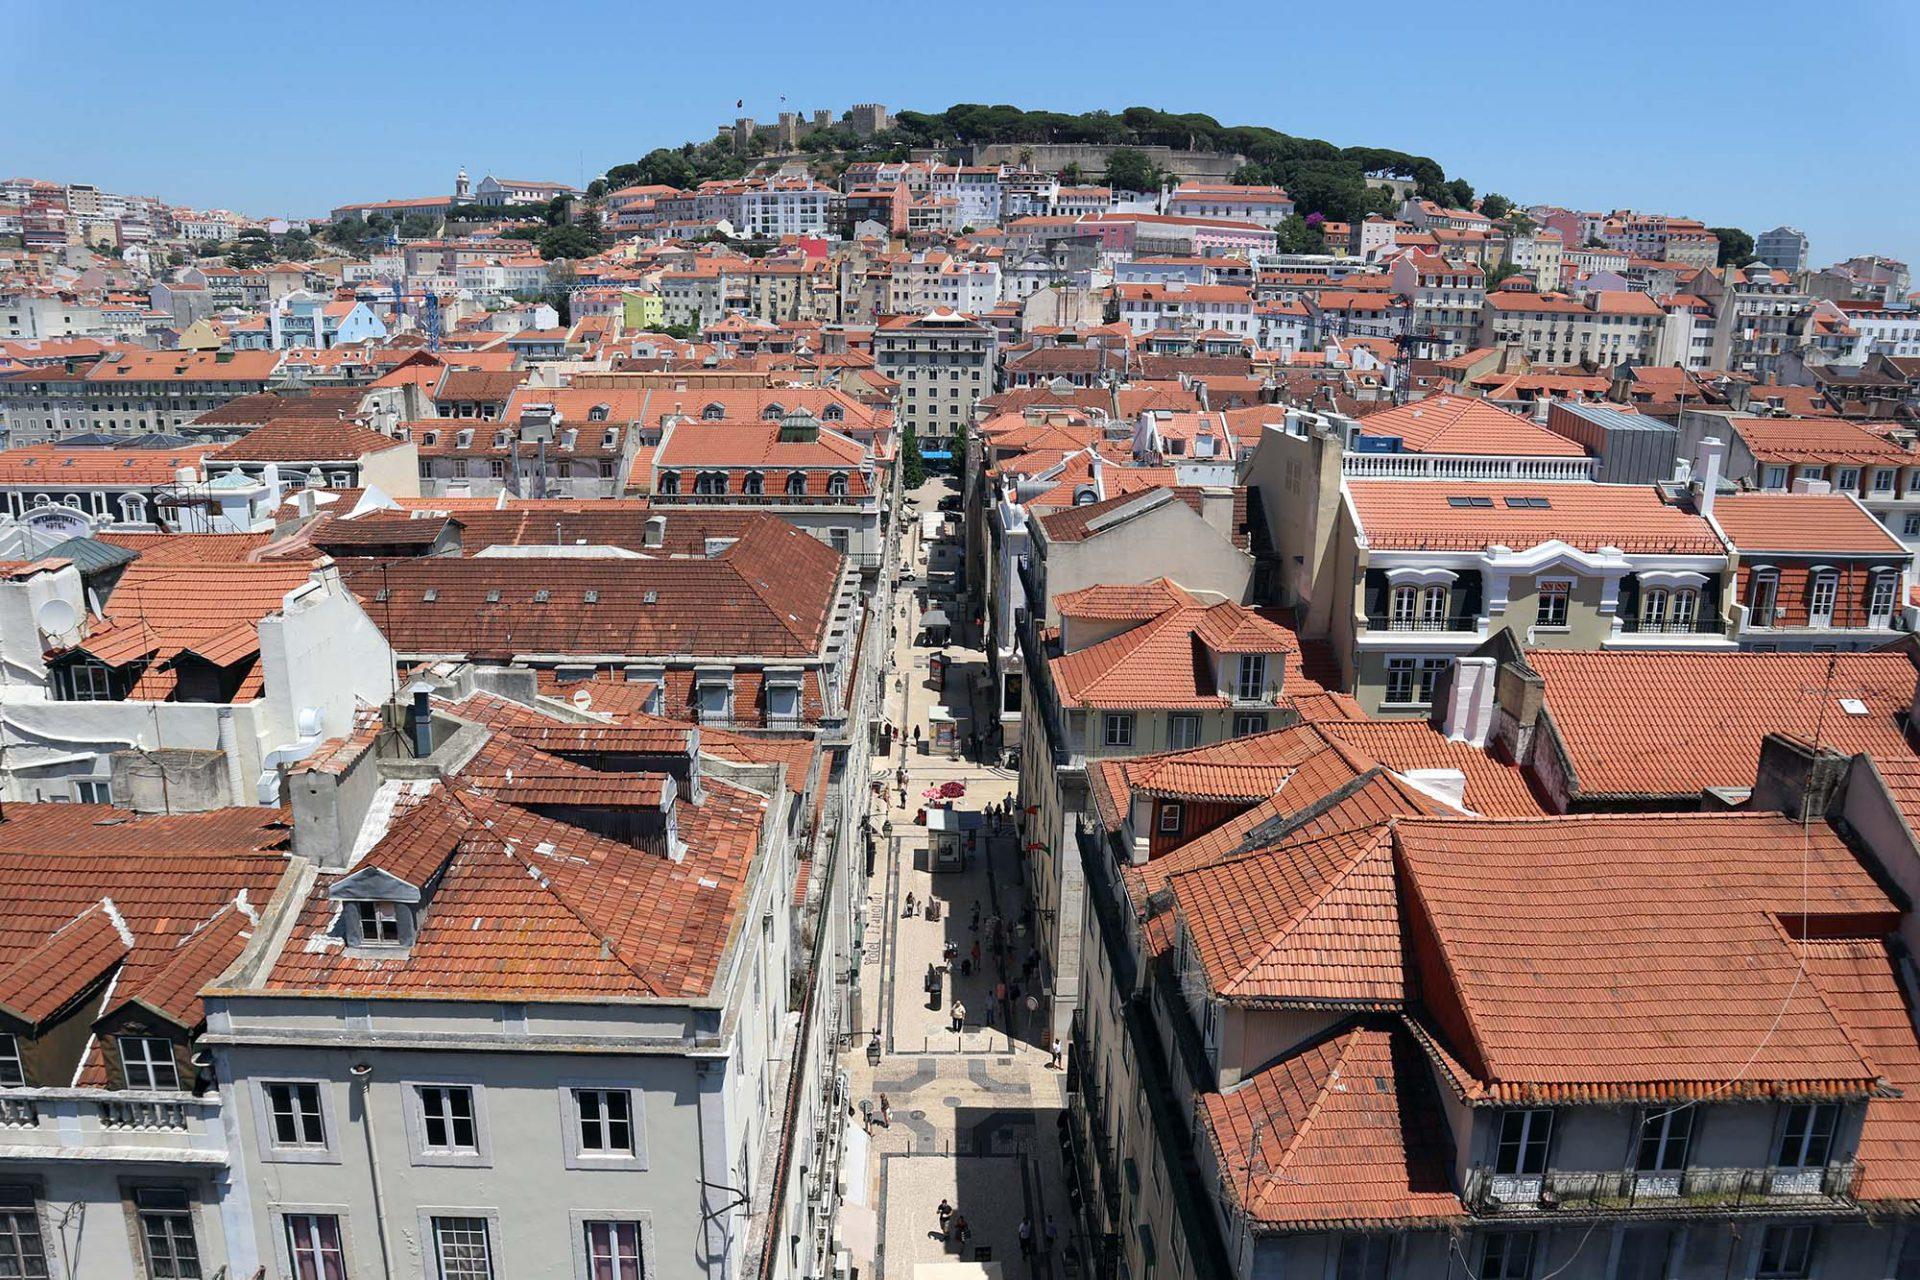 Miradouro Elevador de Santa Justa.  ... den Kirchtürmen, Kuppeln und ziegelgedeckten Dächern der Viertel Mouraria und Alfama und die Bastionen des Castelo de São Jorge auf der gegenüberliegenden Erhebung.